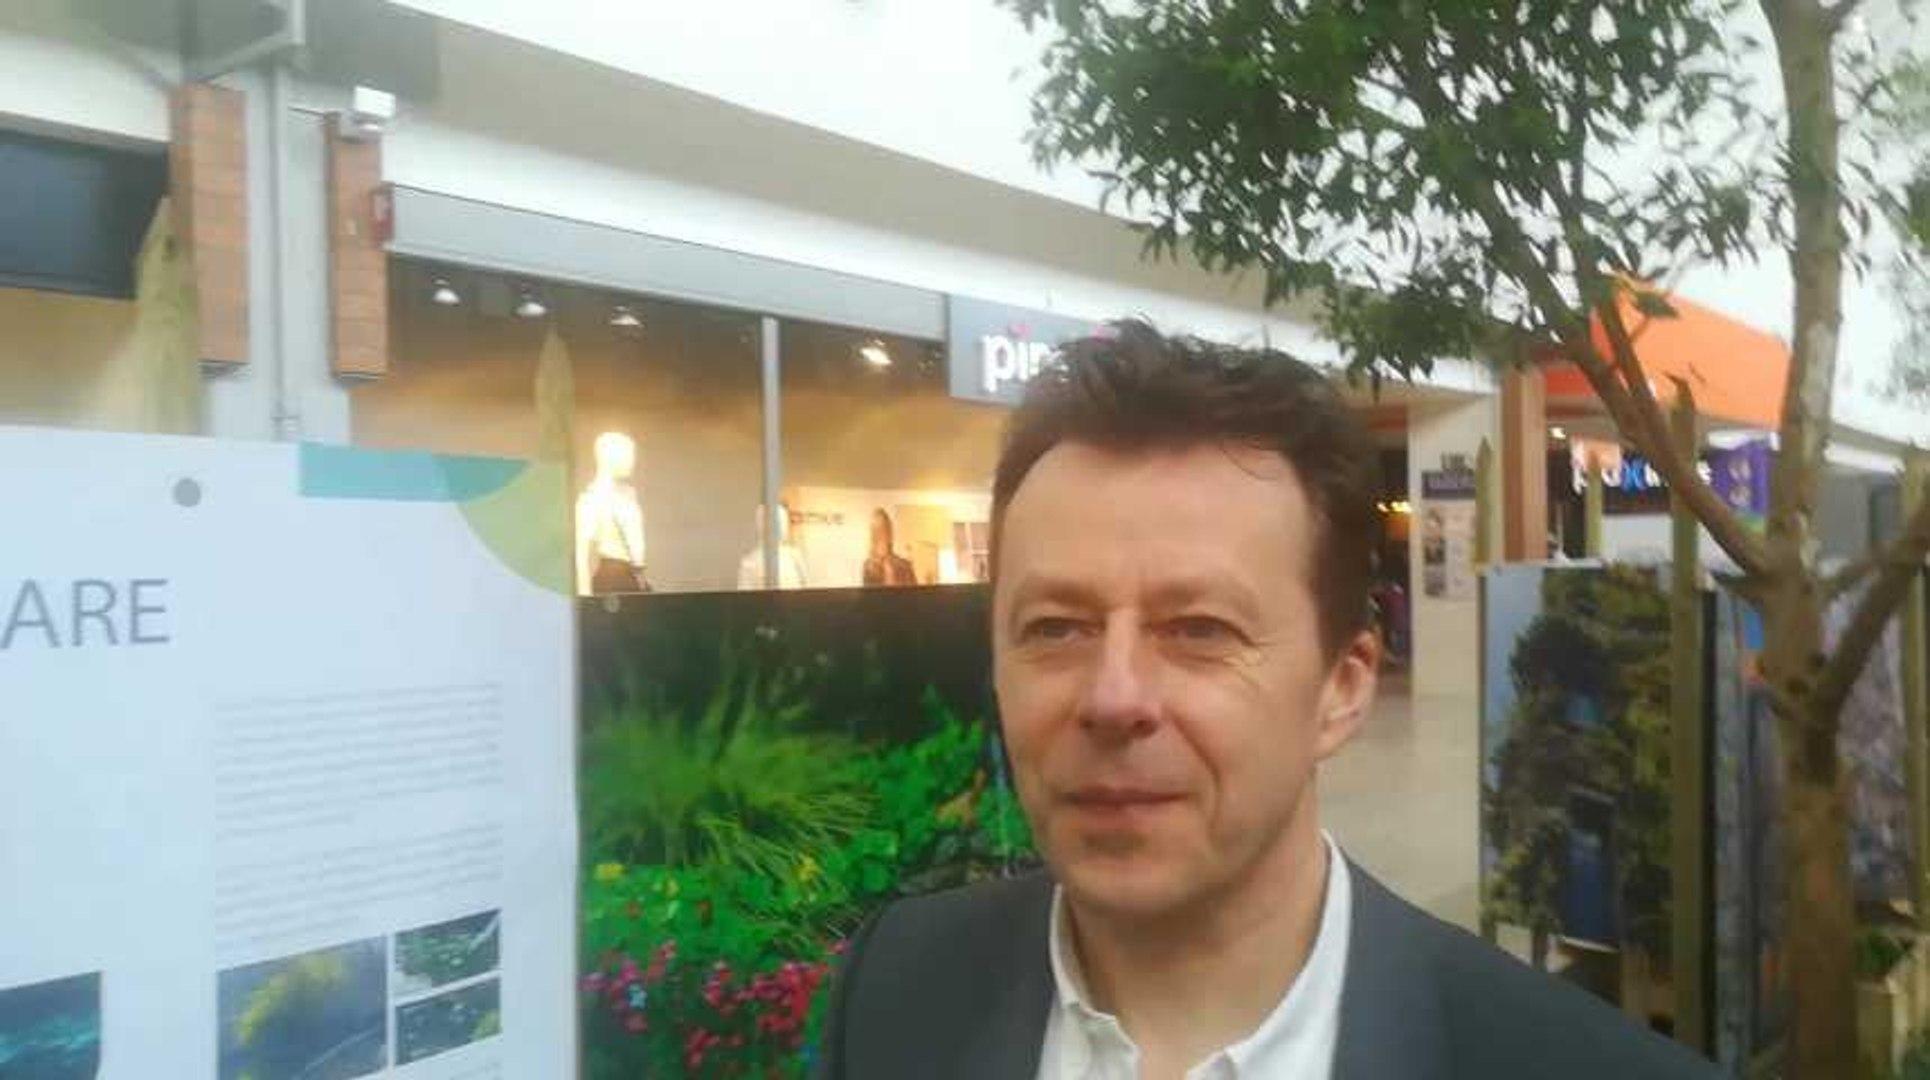 Carlo Di Antonio au Shopping Cora de Hornu